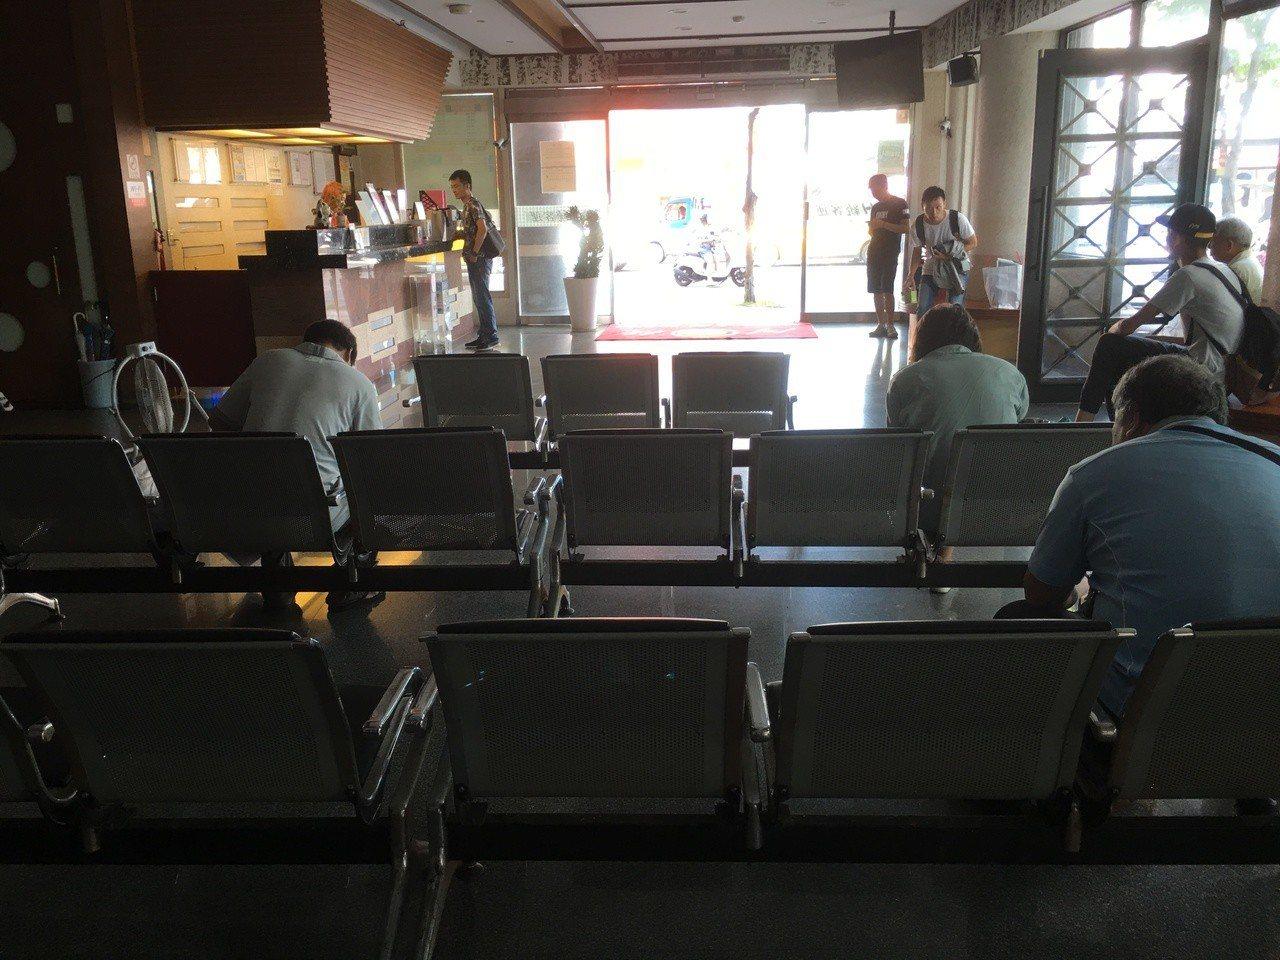 國道客運日統客運驚傳結束營業,讓許多乘客不捨,董事長林義風表示,目前因經營困難,...